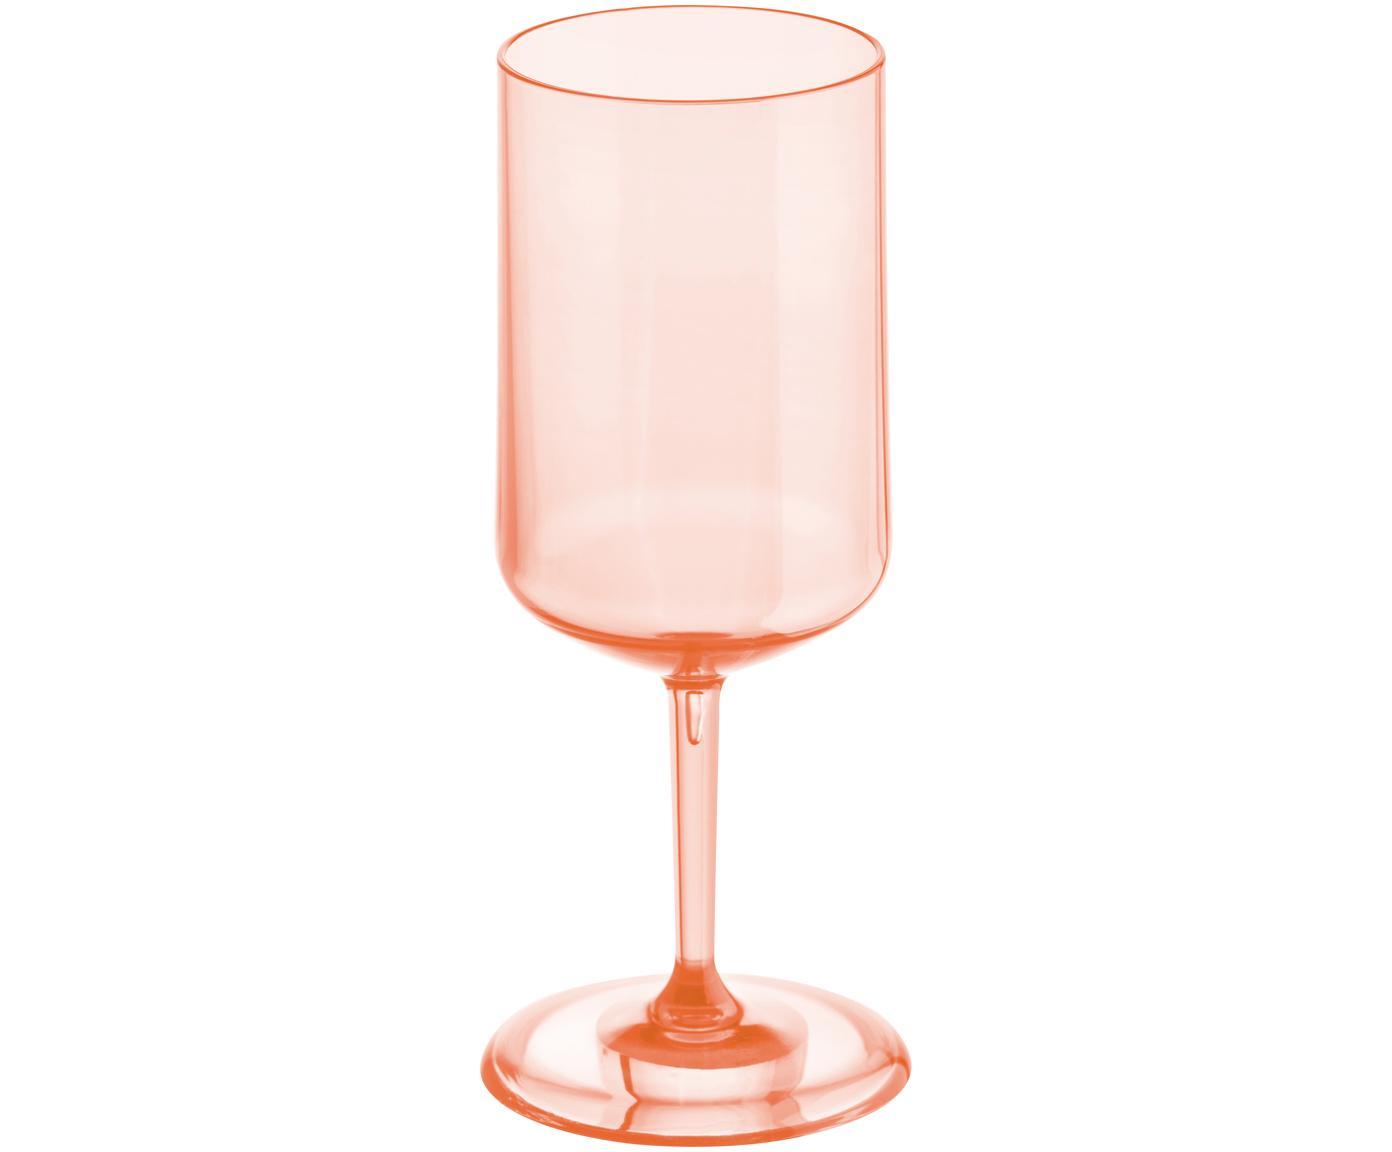 Copa de vino blanco de plástico irrompible Cheers, Termoplástico (Superglass), Rosa cuarzo, Ø 9 x Al 21 cm